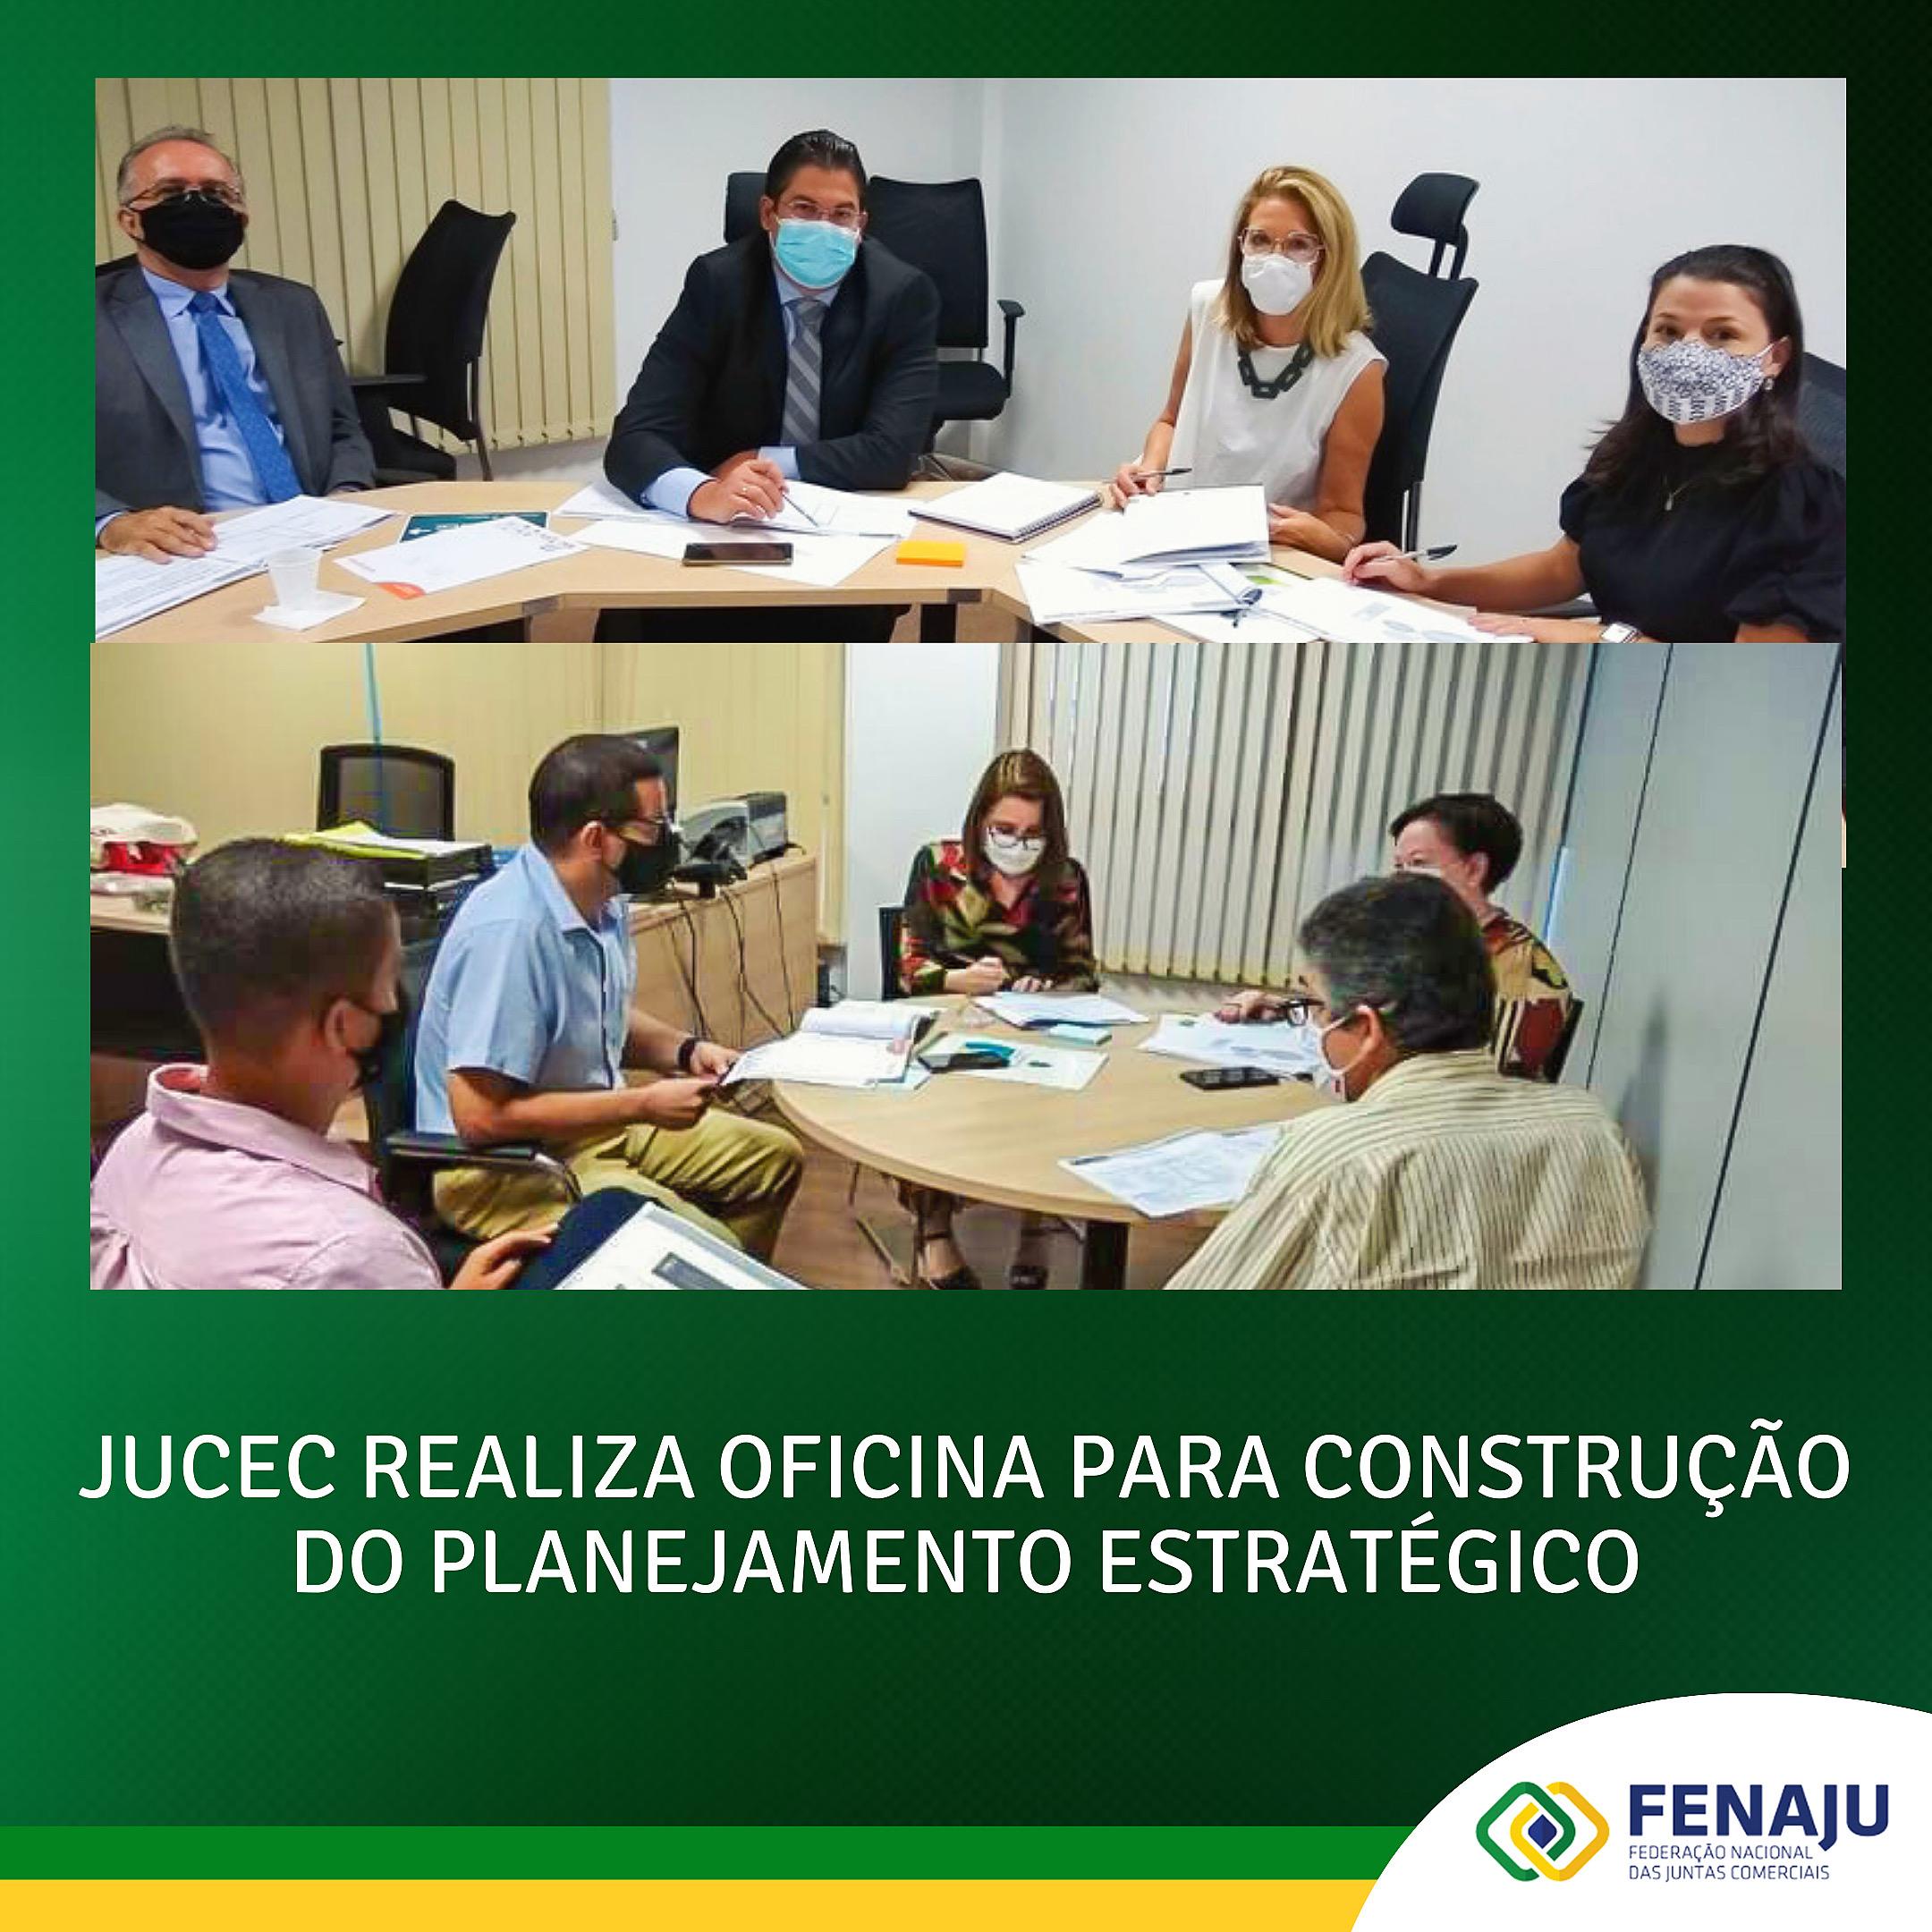 Jucec realiza oficina para construção do planejamento estratégico